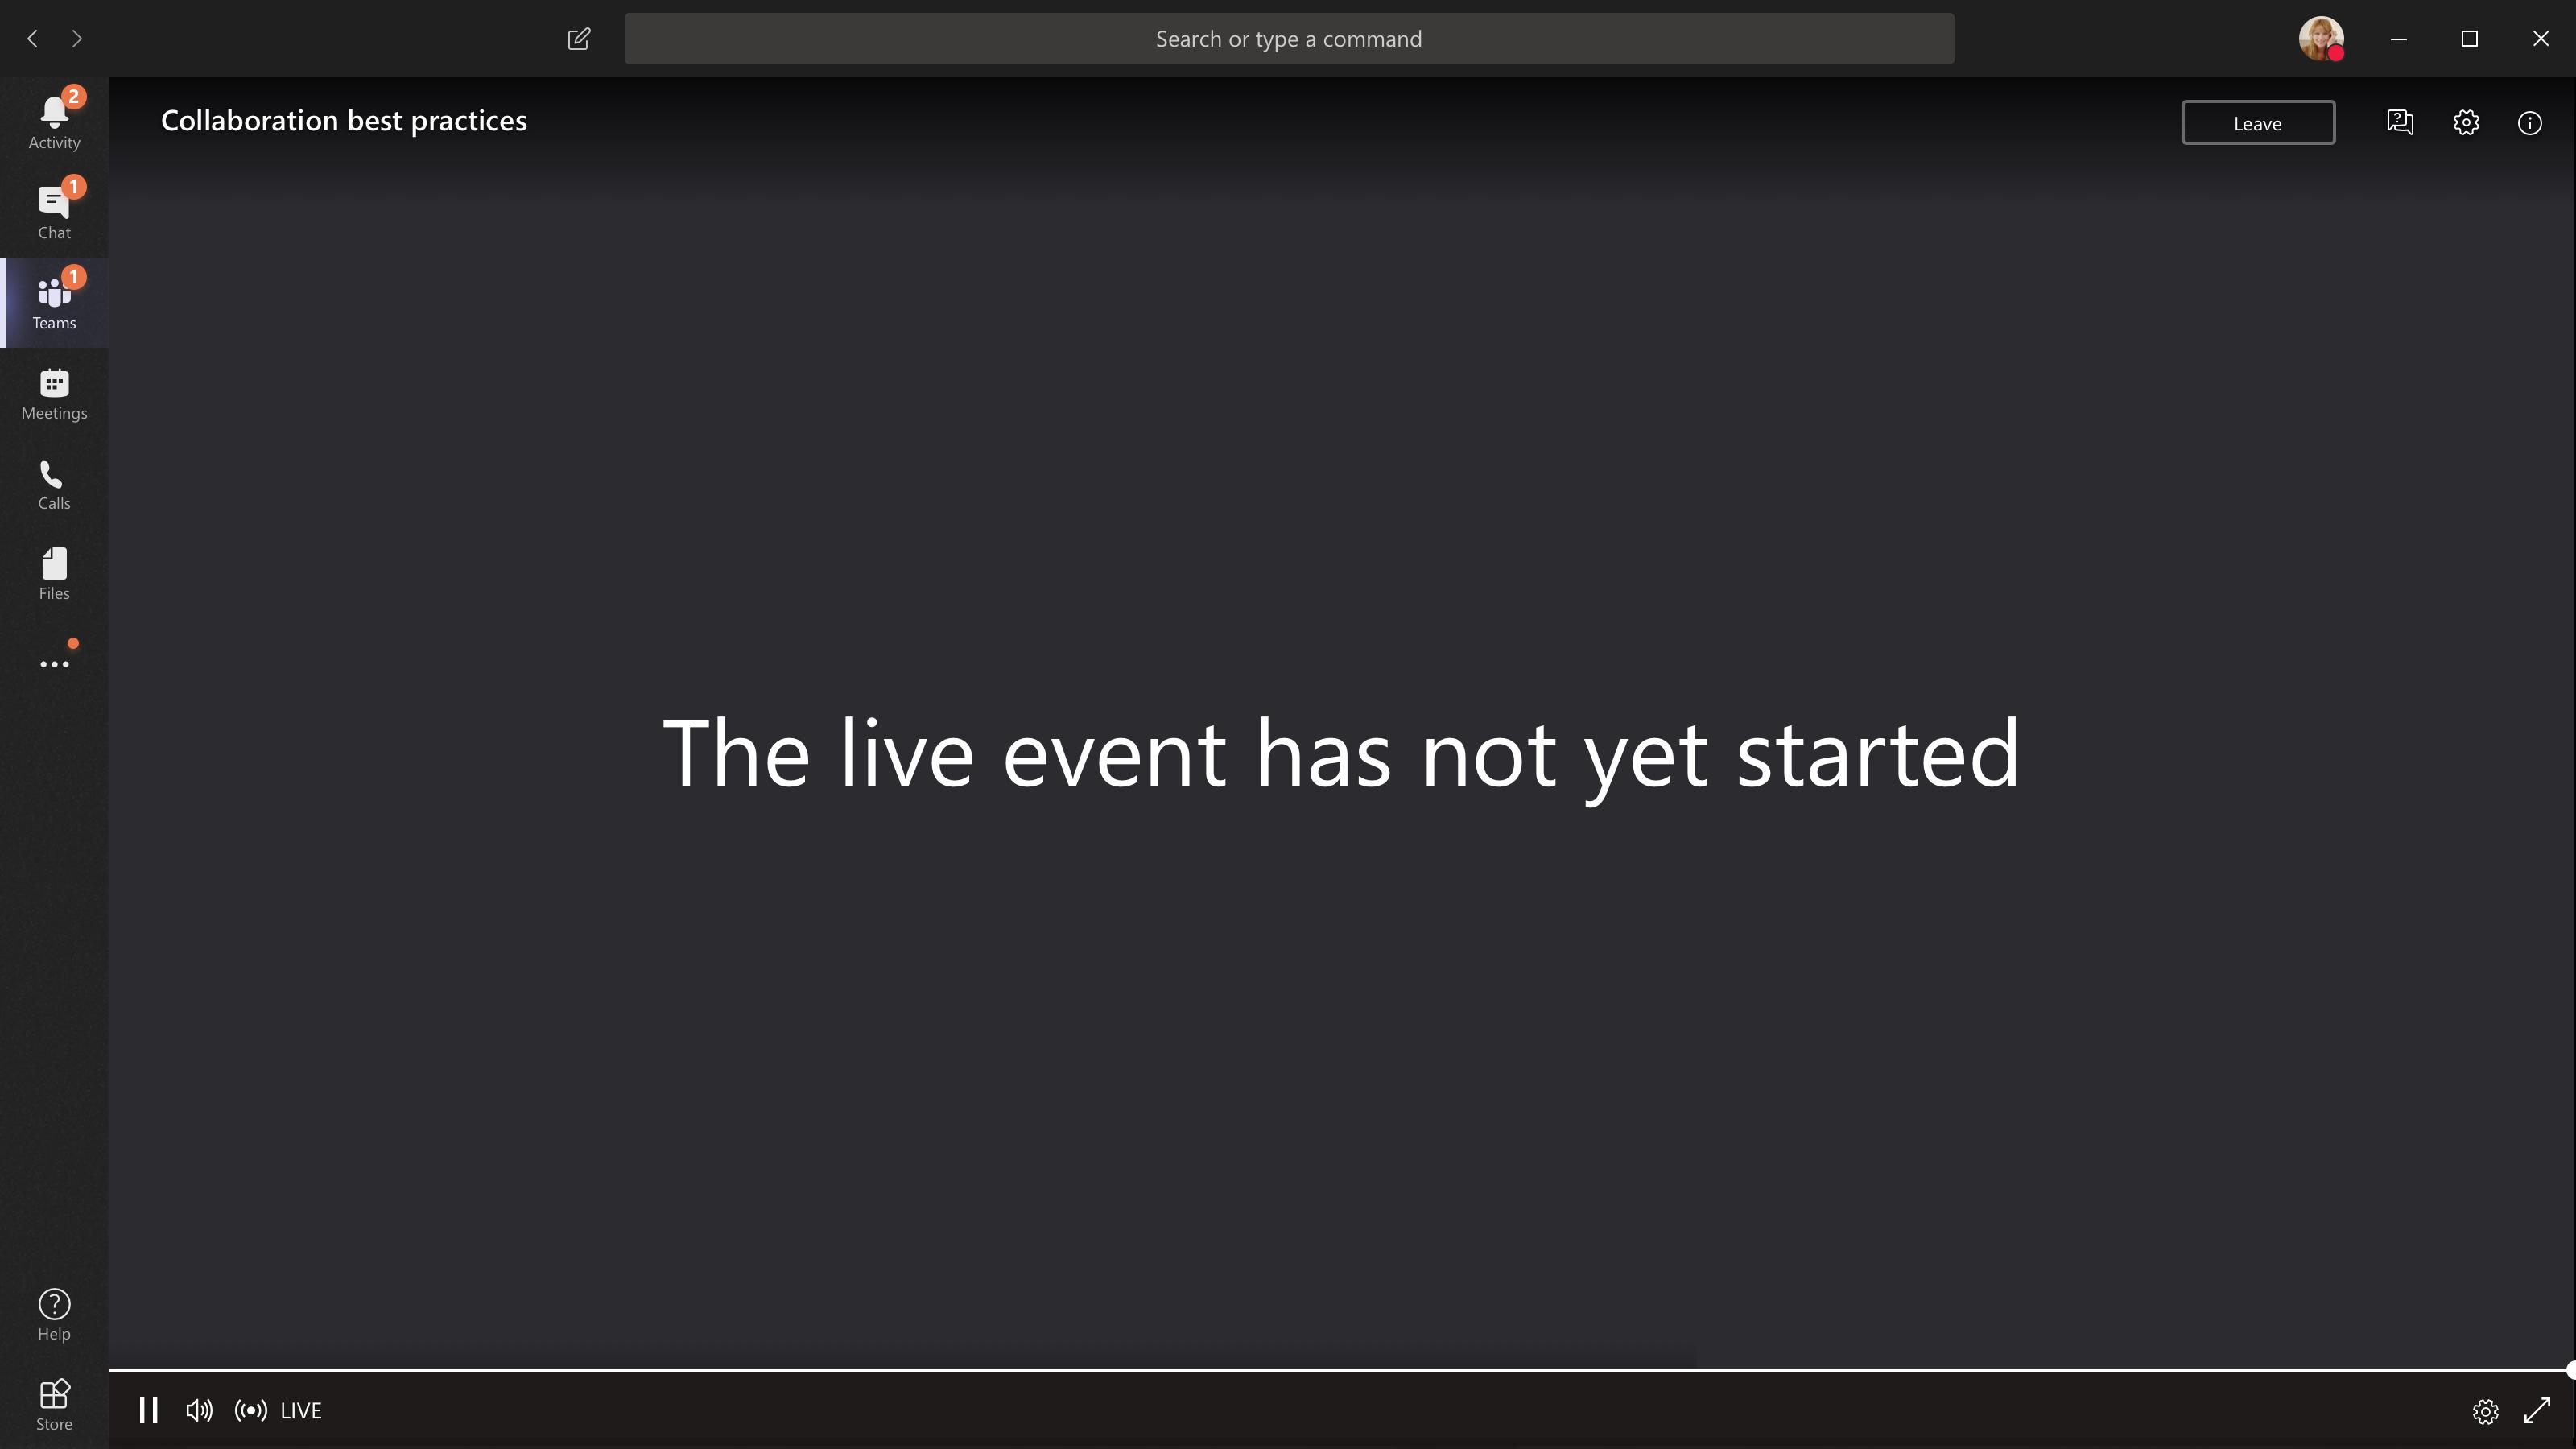 لم يتم بدء الحدث